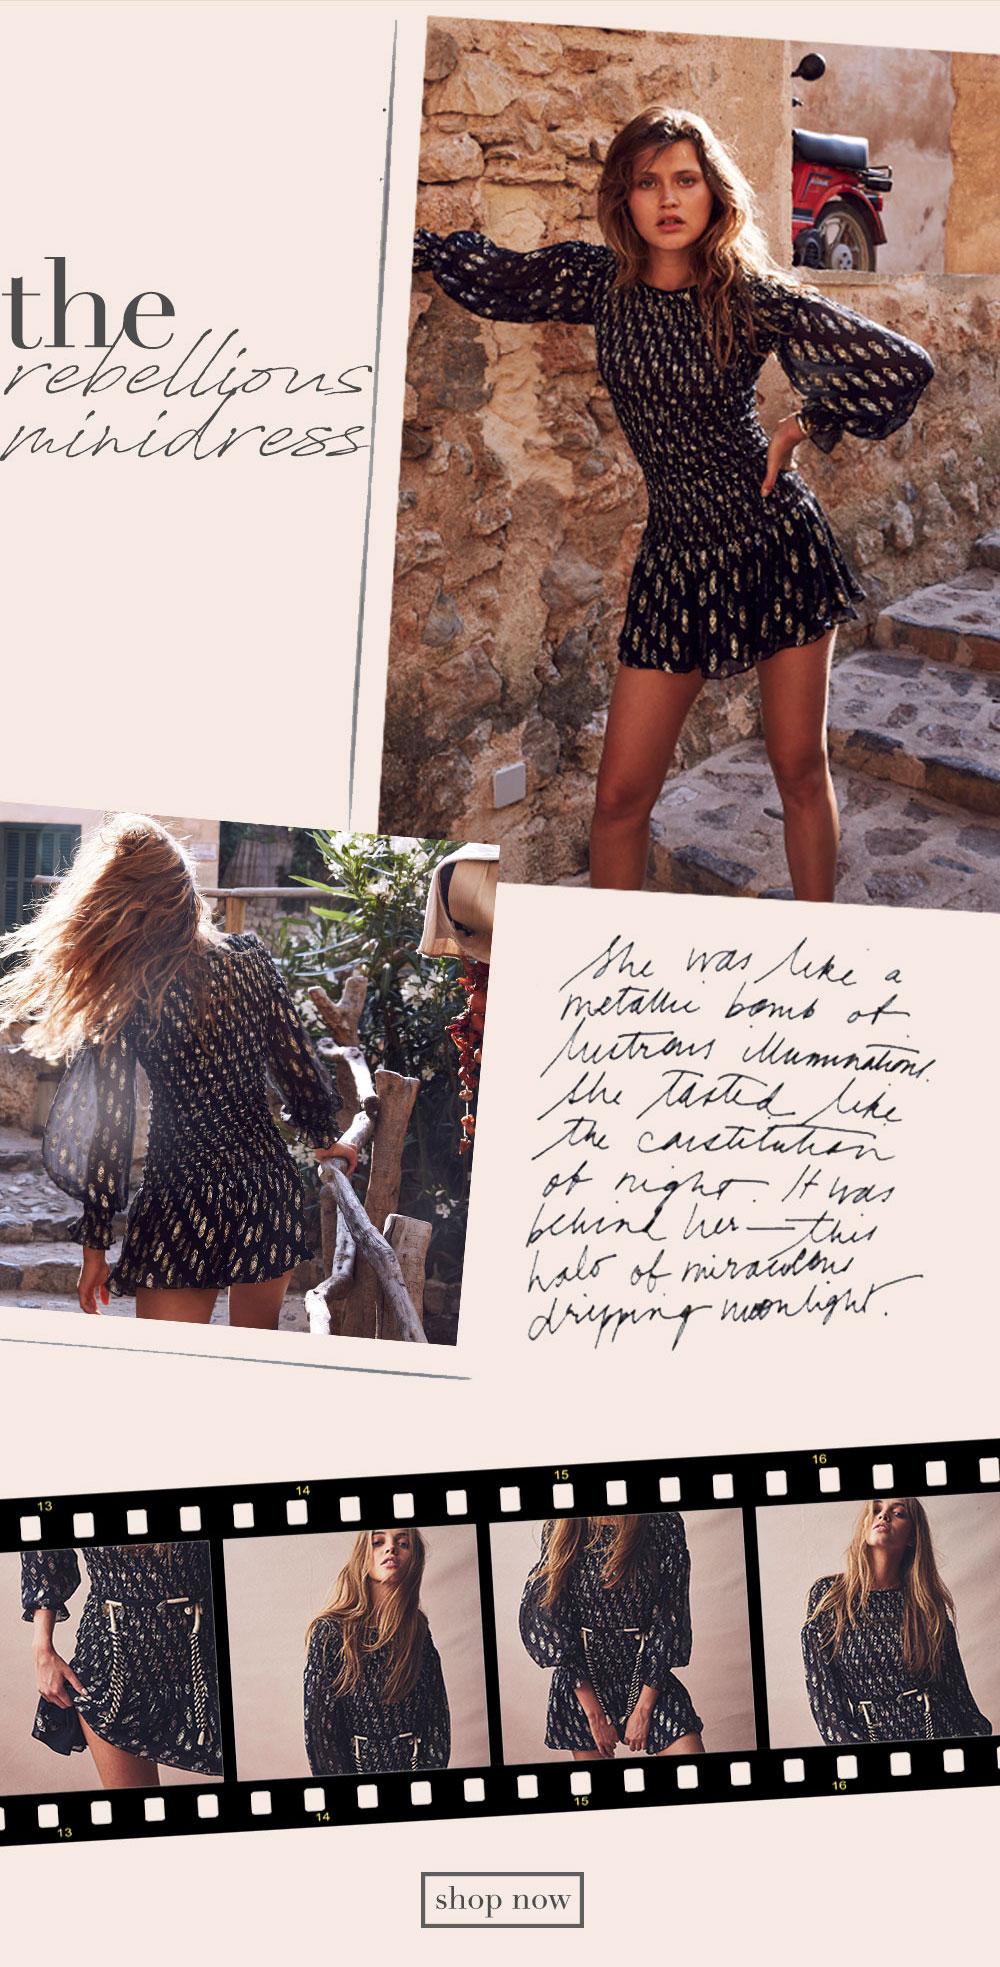 blog-The-Rebellious-Minidress-Email.jpg